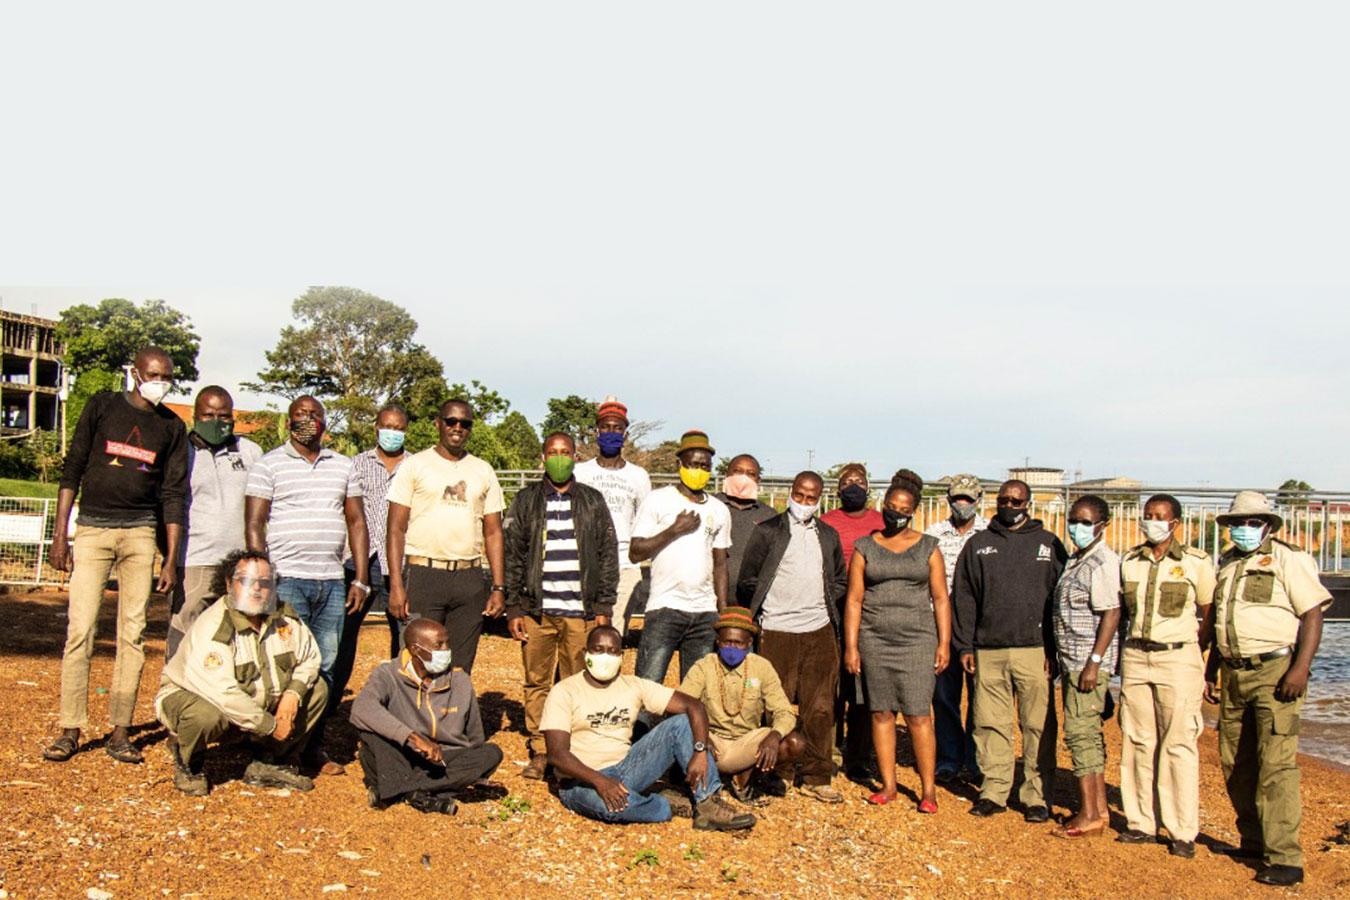 kara-tunga-karamoja-uganda-tourist-guides-assessement-3